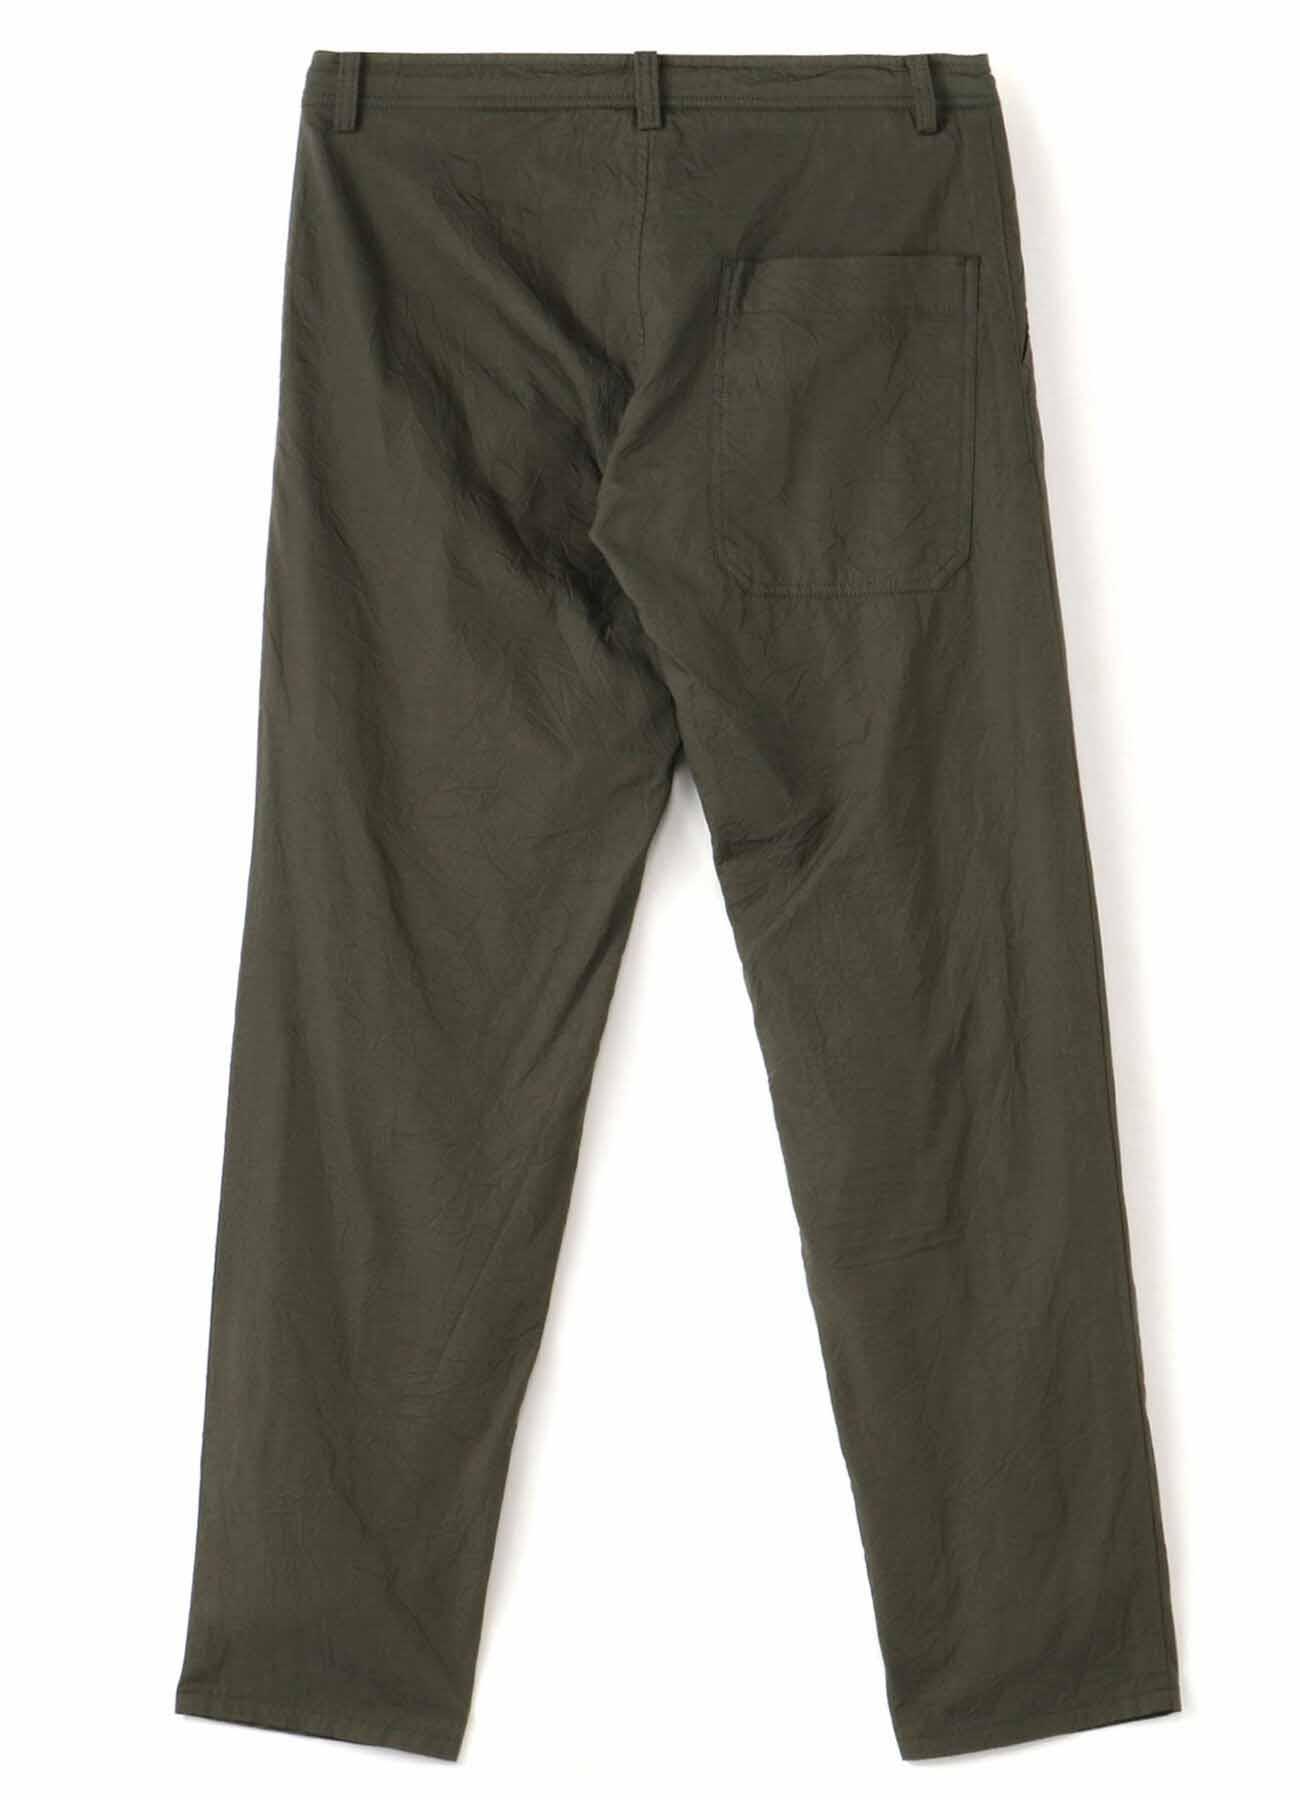 COTTON BROAD WRINKLE GARMENT DYE WAIST STRING THIN PANTS